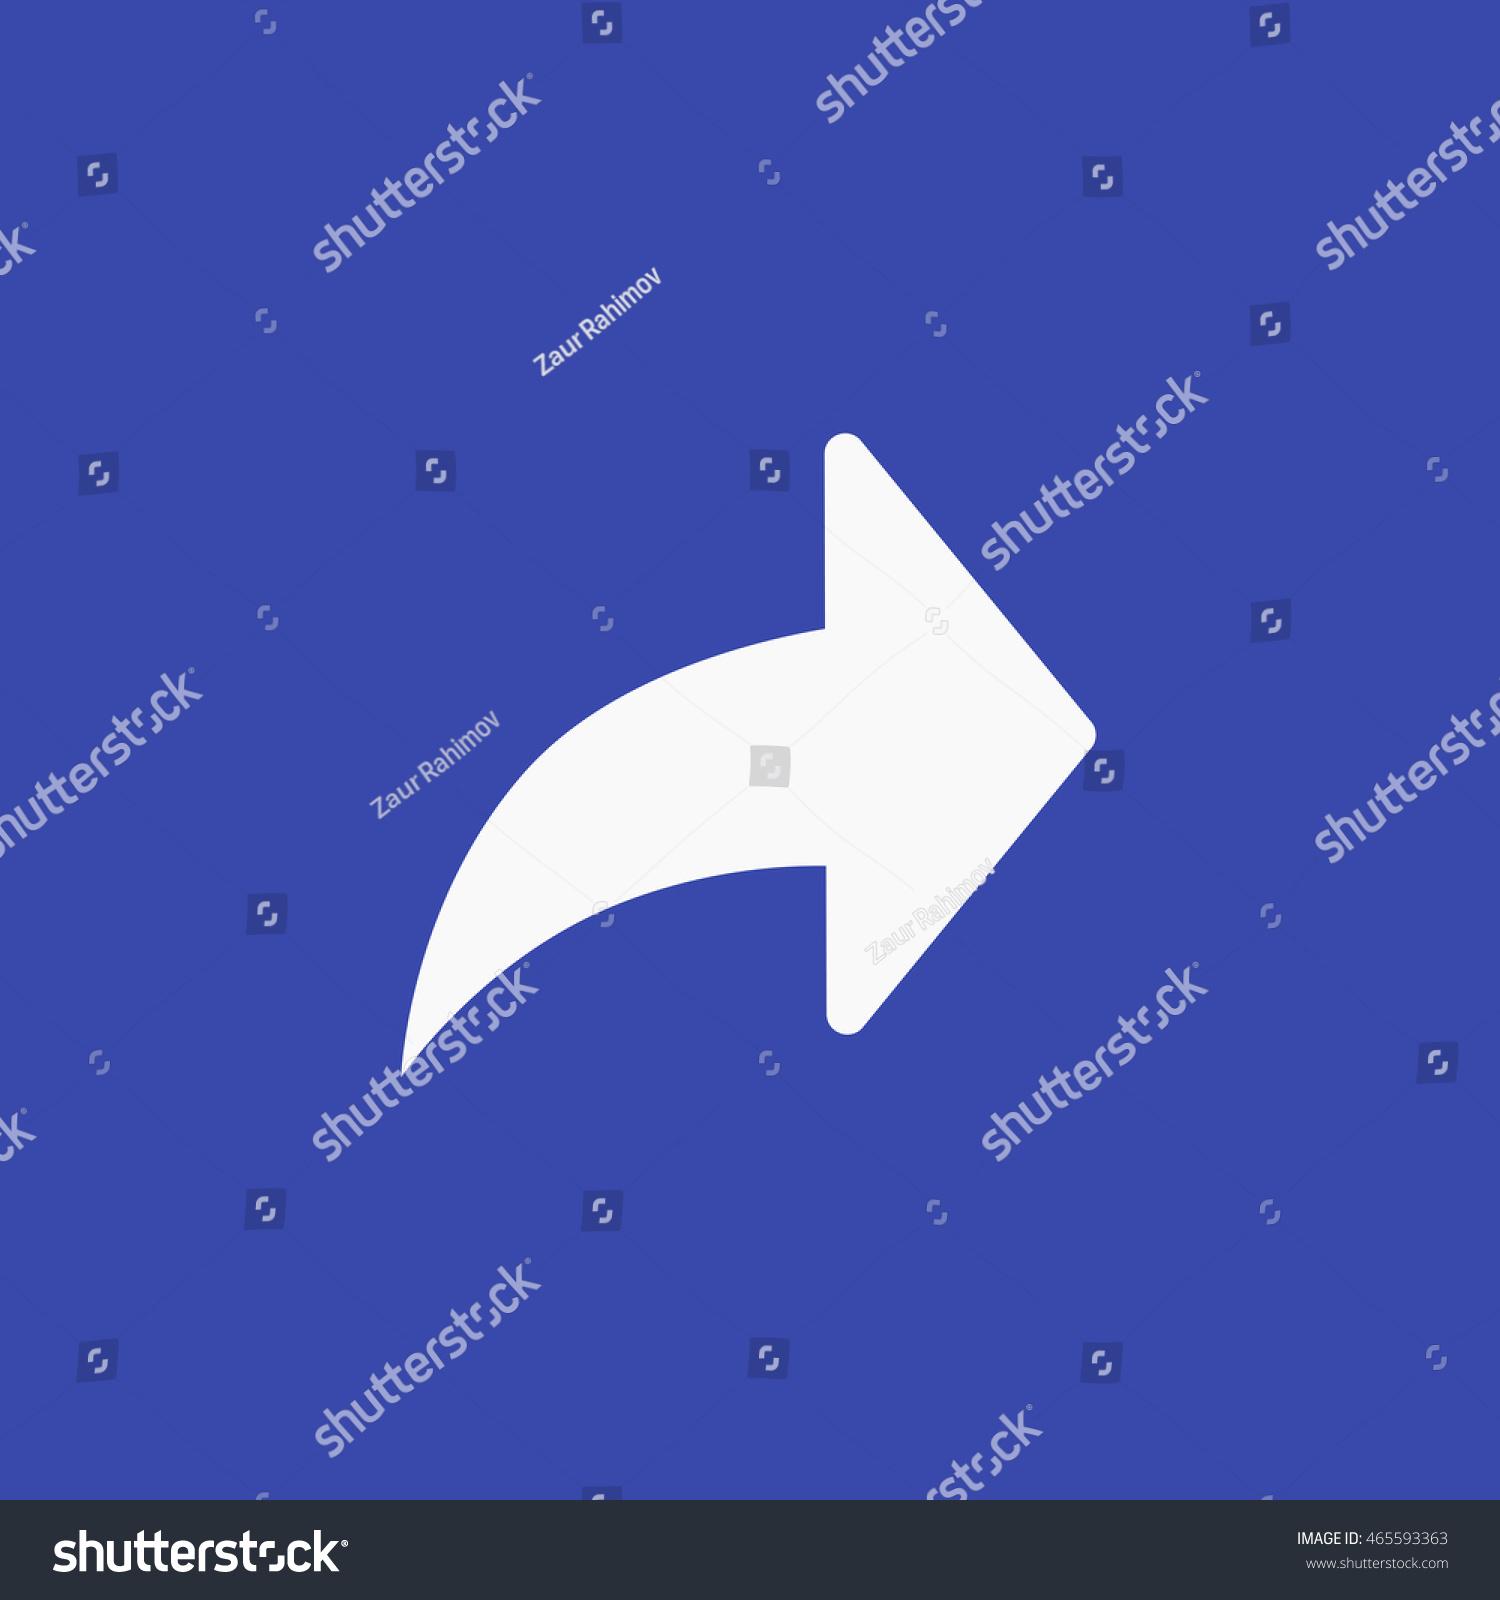 Facebook Forward Icon Vector Arrow Graphic Stock Photo Photo